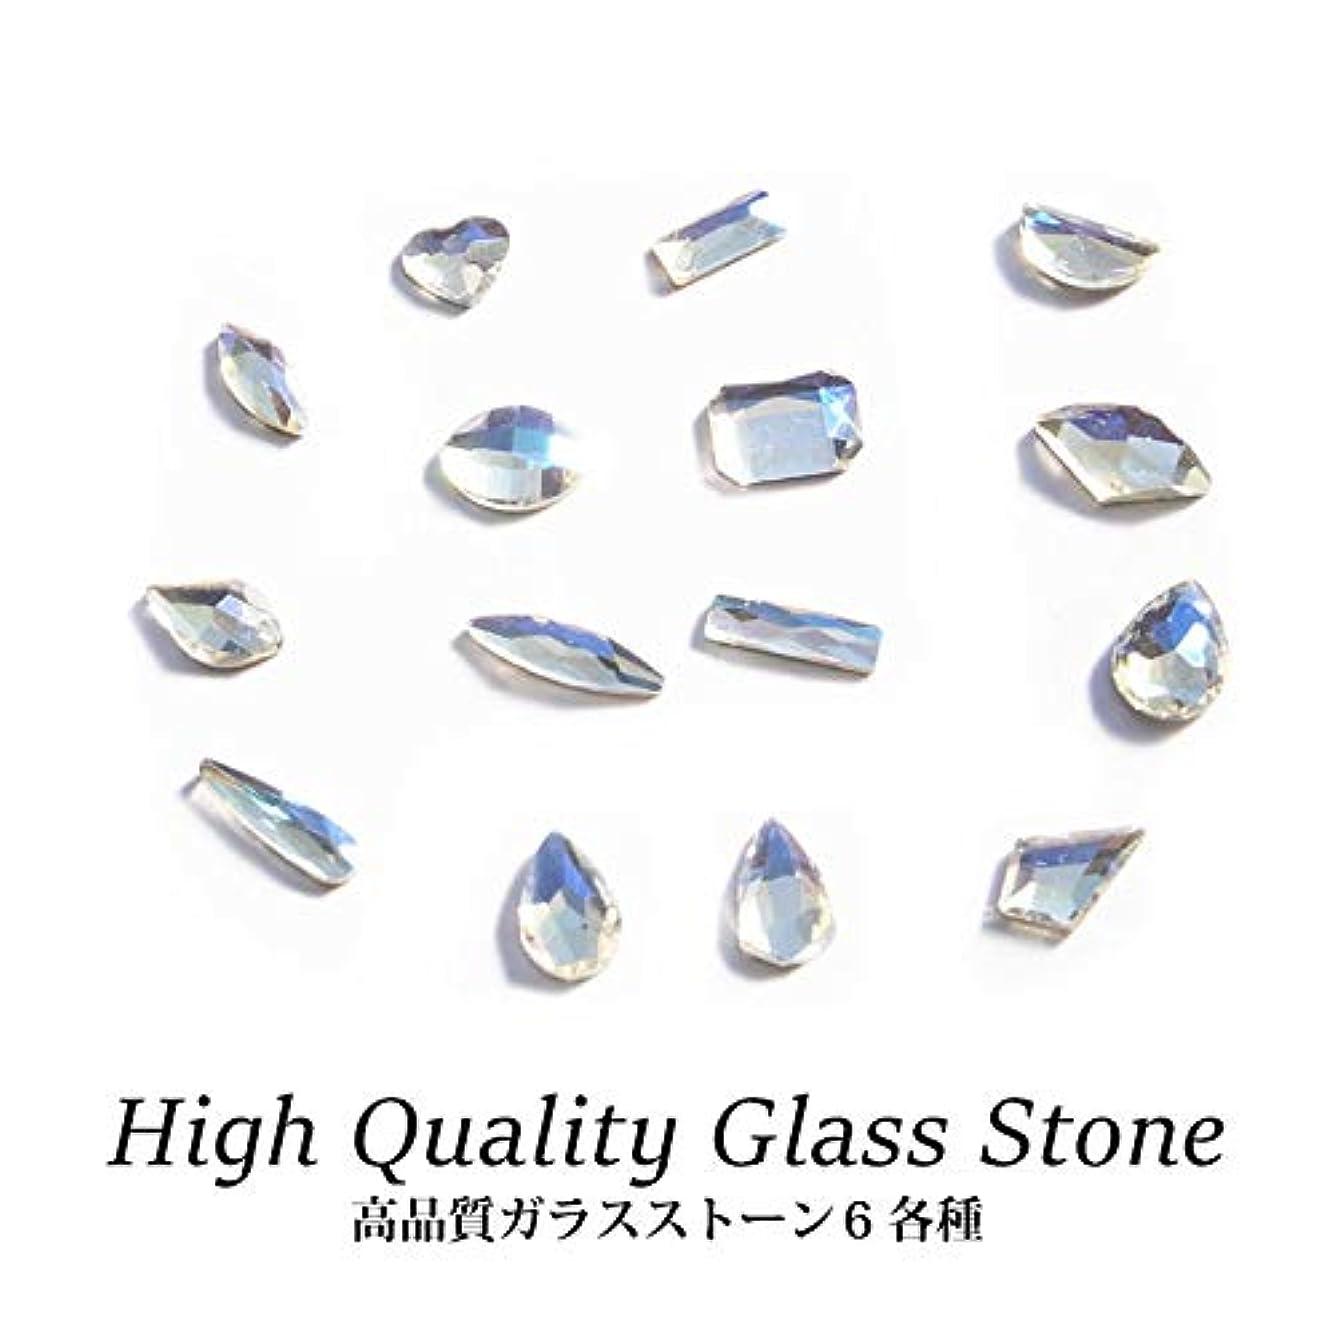 コースネコ貢献するブルームーンカラーが魅惑的なクリスタルストーン! 高品質 ガラスストーン 6 各種 5個入り (1.ショートレクタングル 3×7mm)